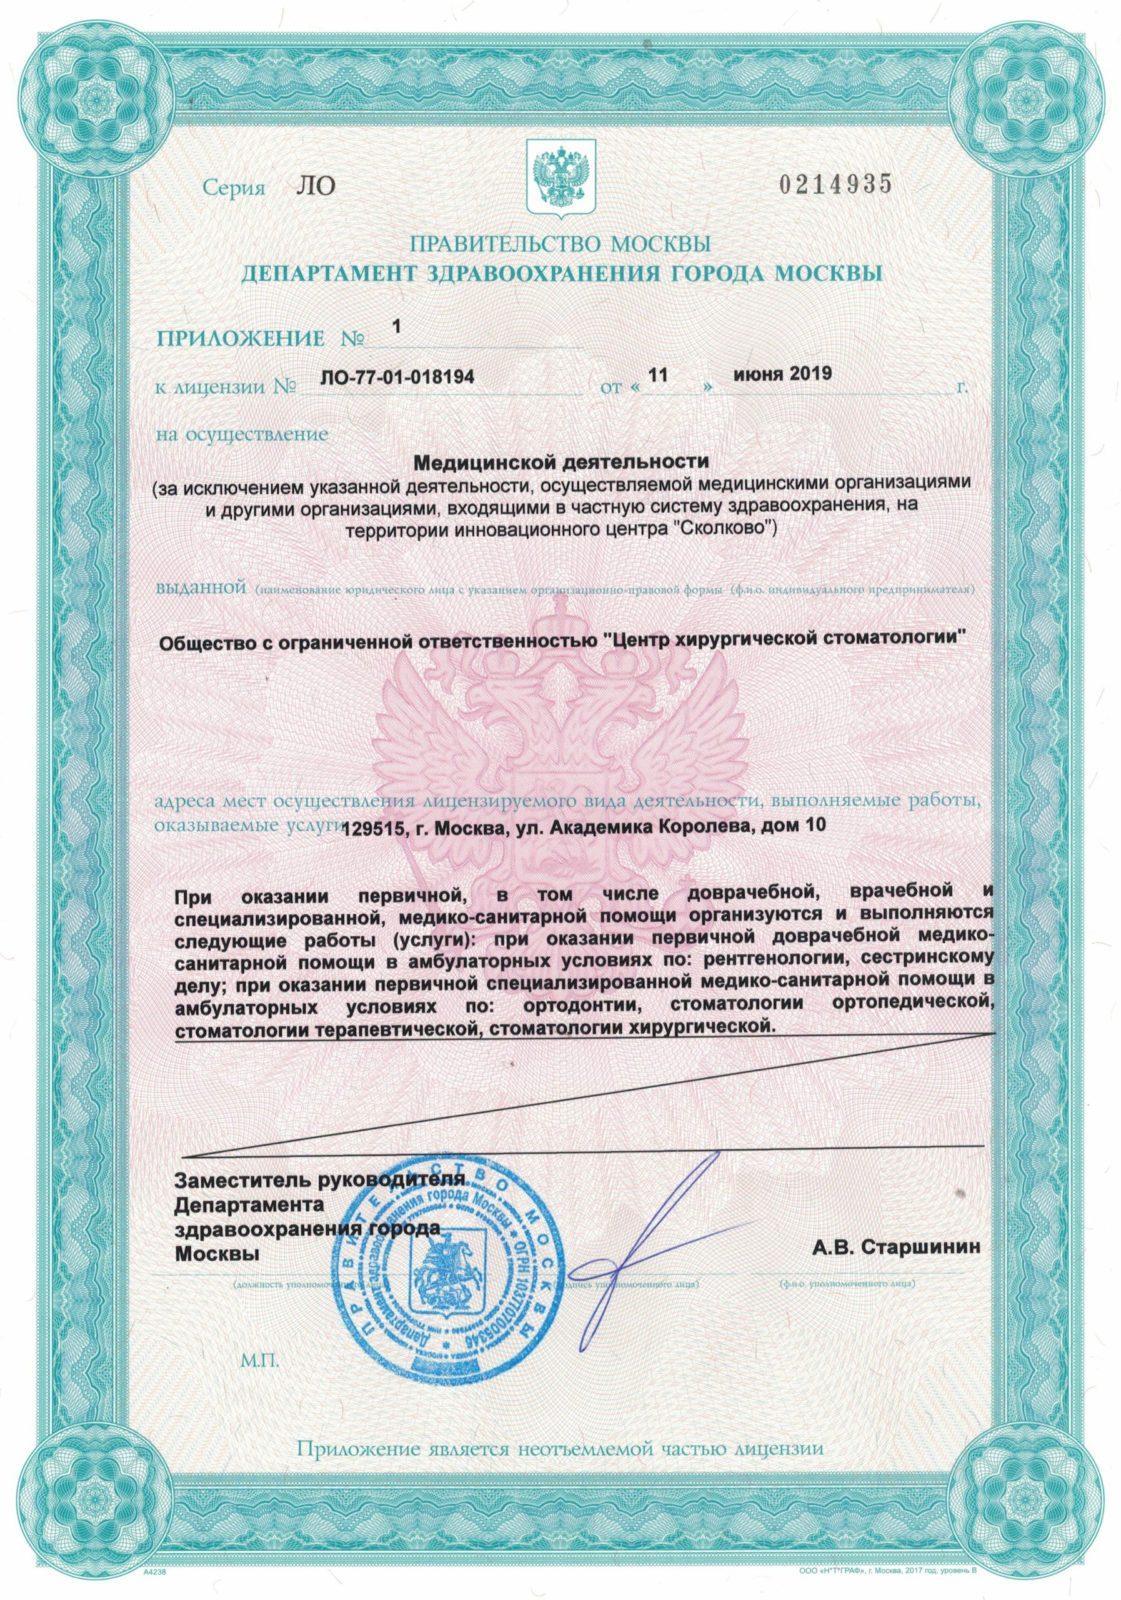 Лицензия стоматологии центра хирургической стоматологии ЦХС